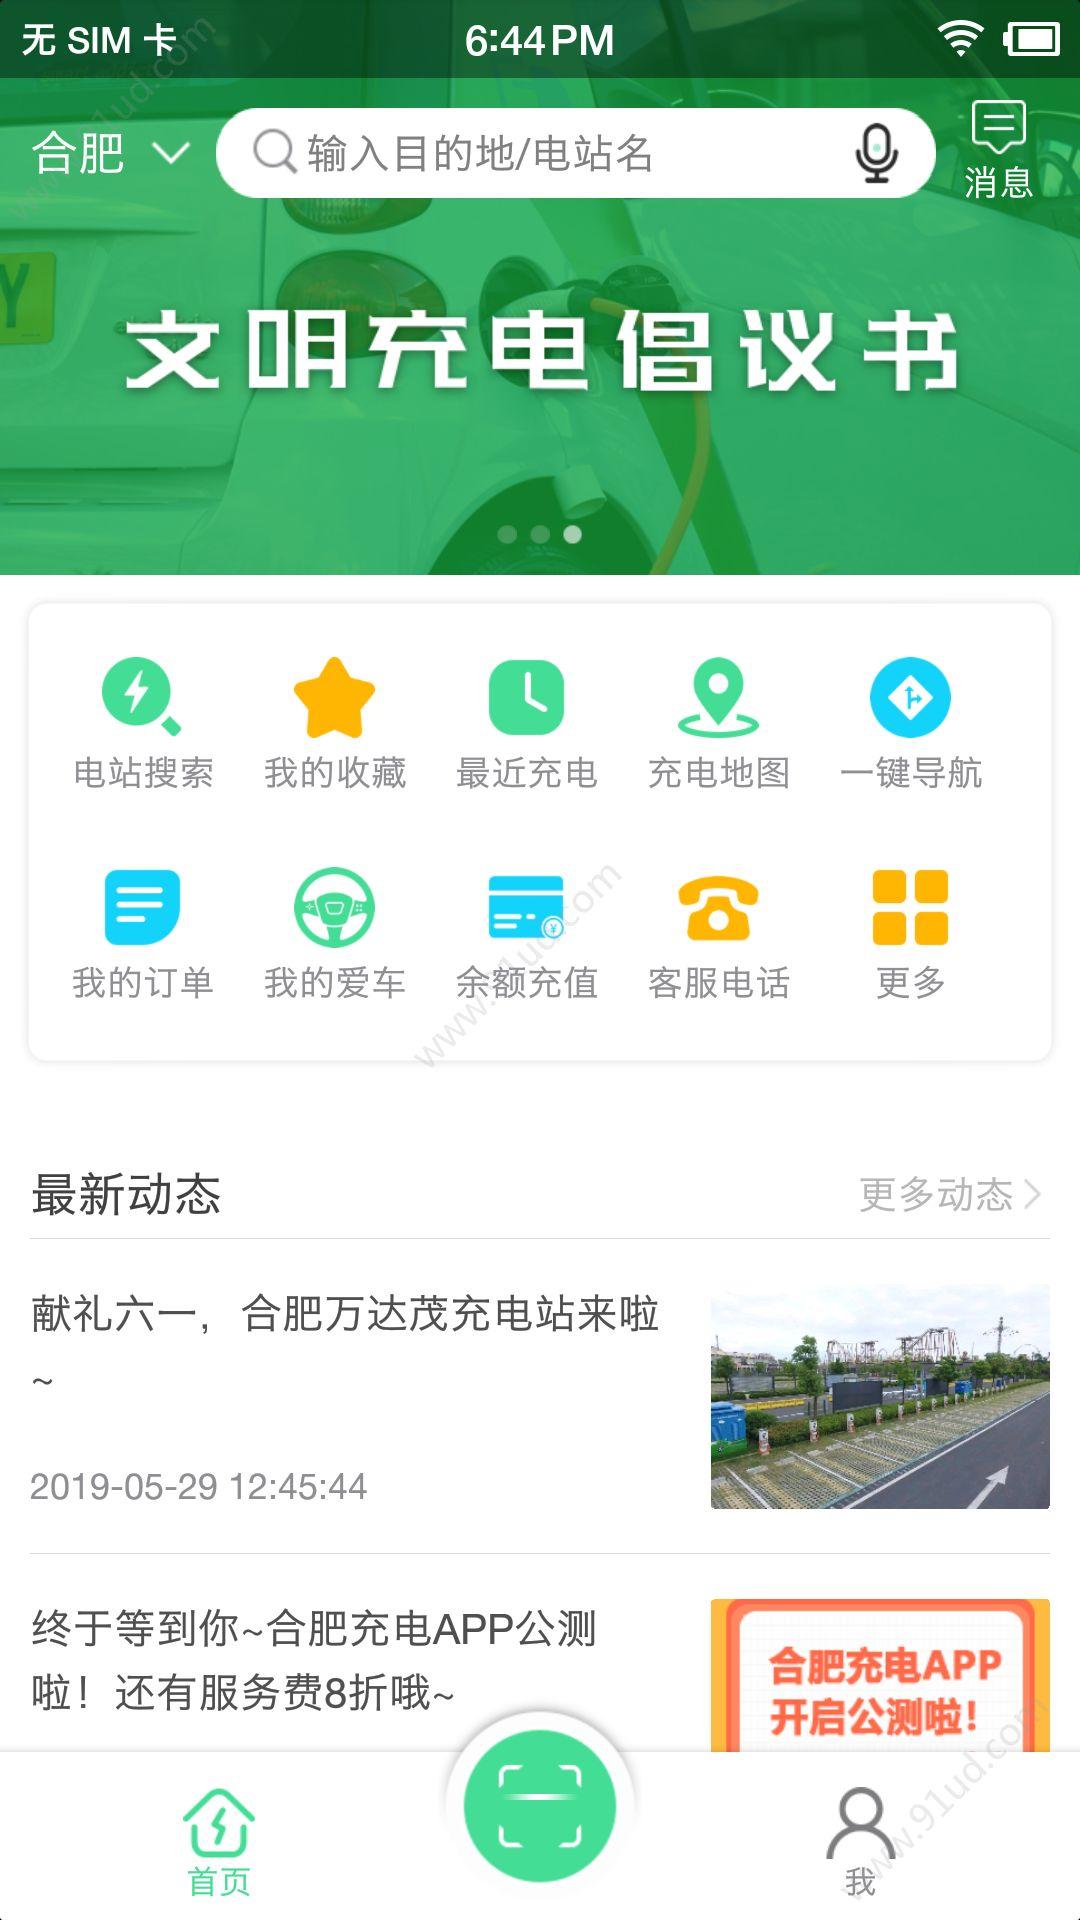 合肥充电app图5